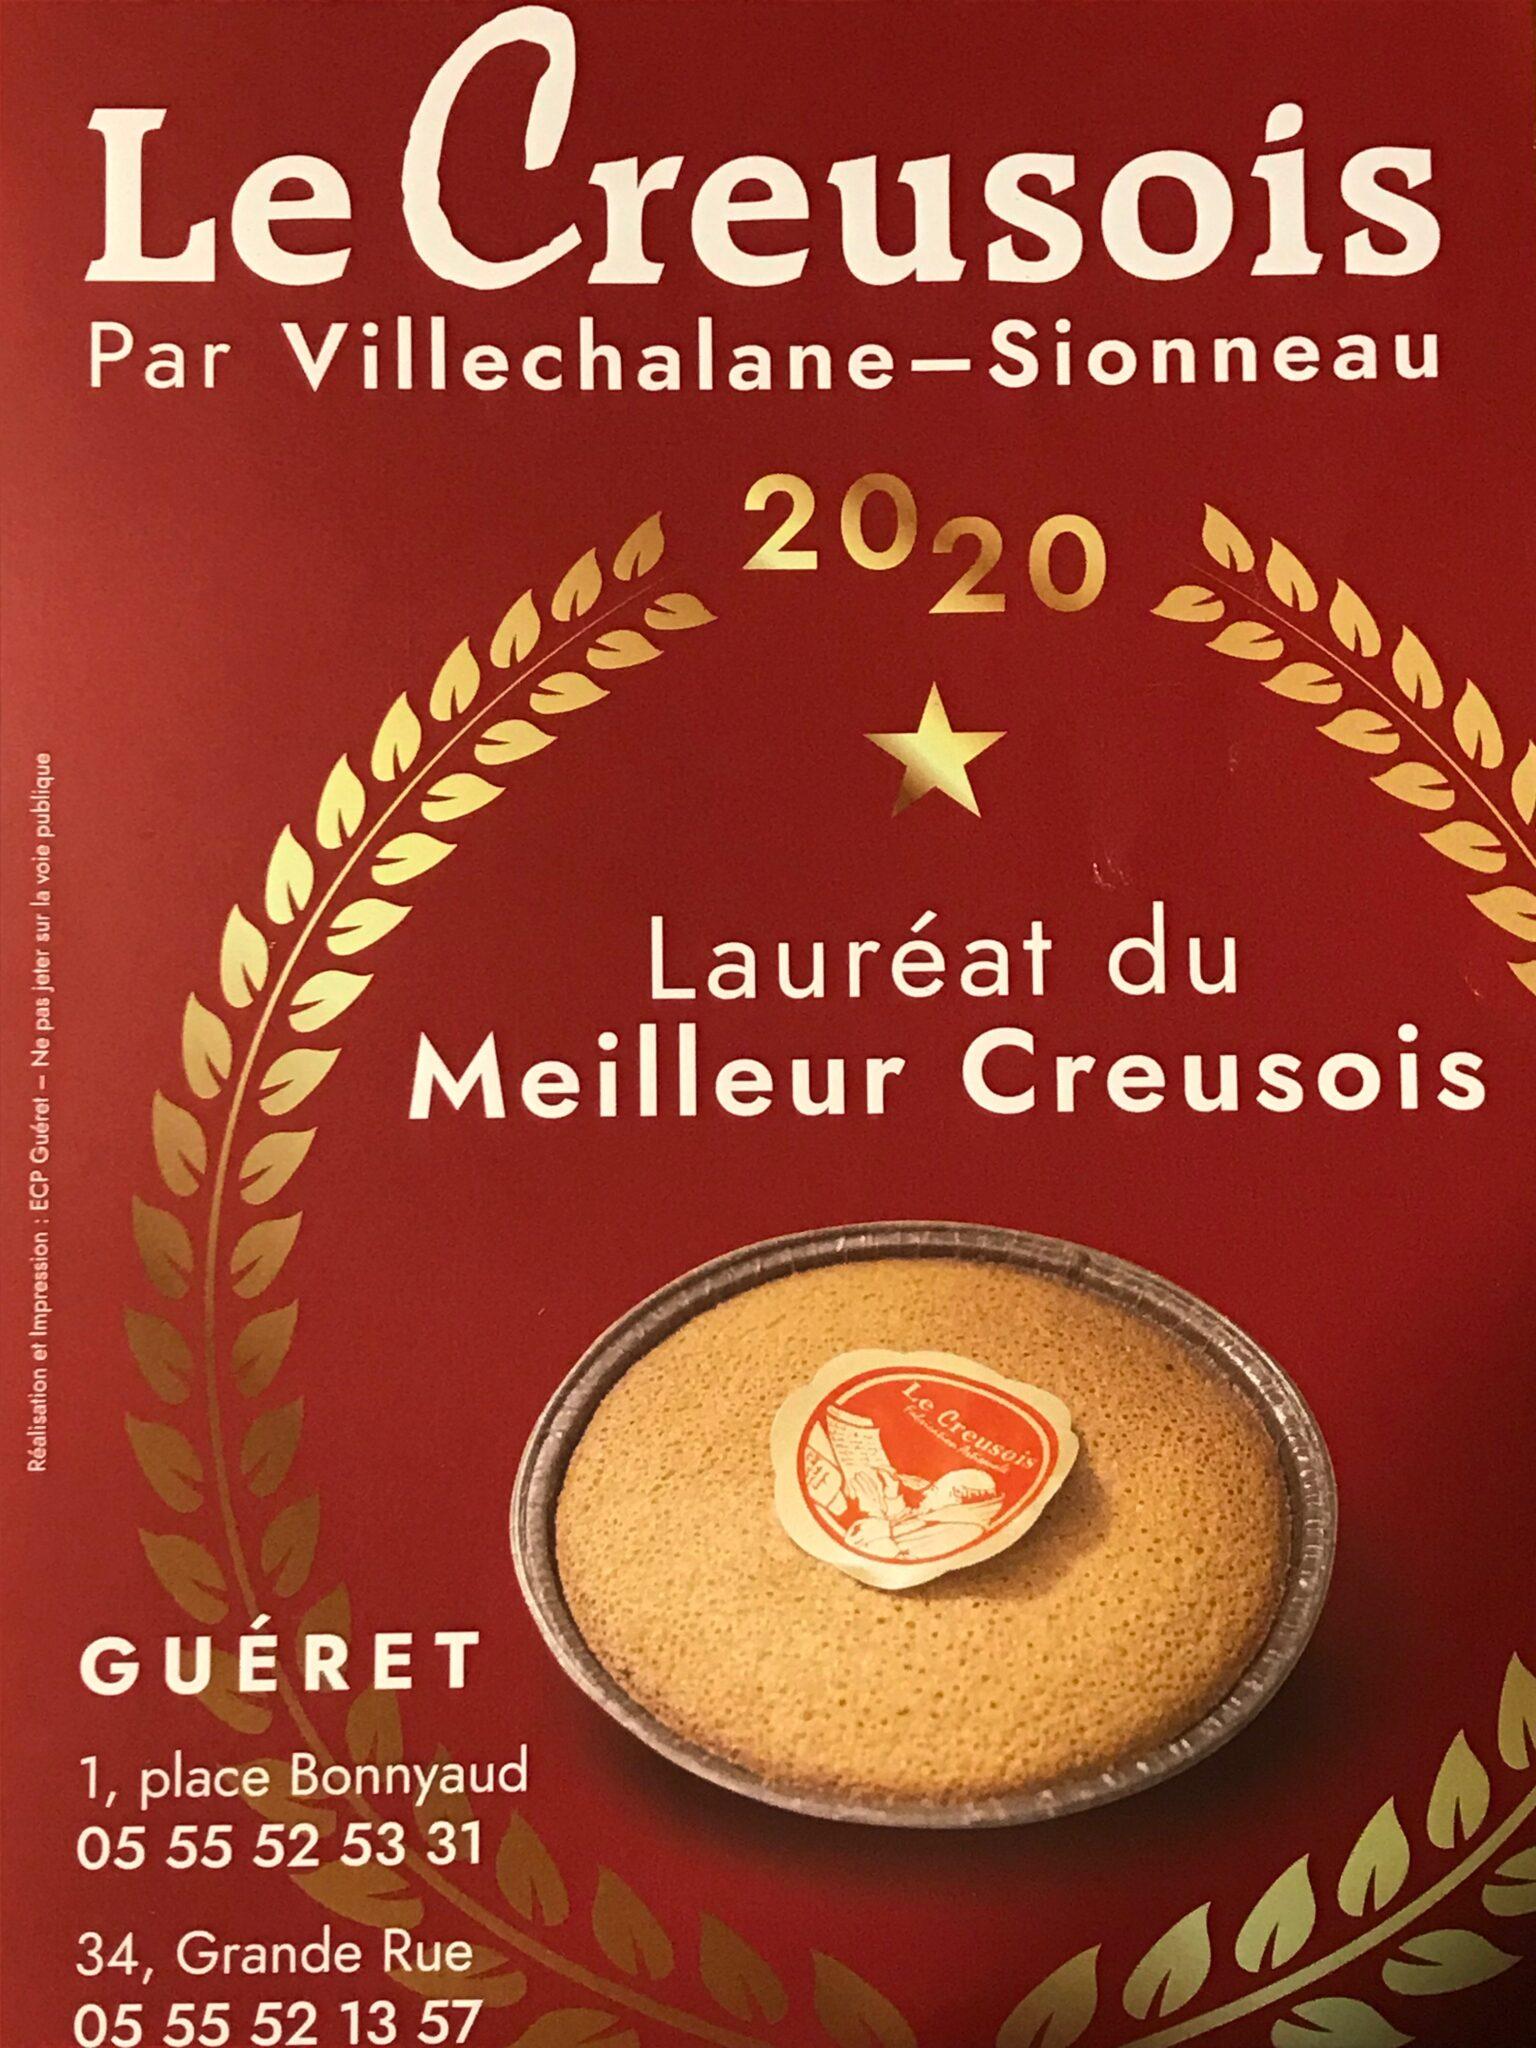 Lauréat du meilleur Creusois de Guéret | Villechalane-Sionneau